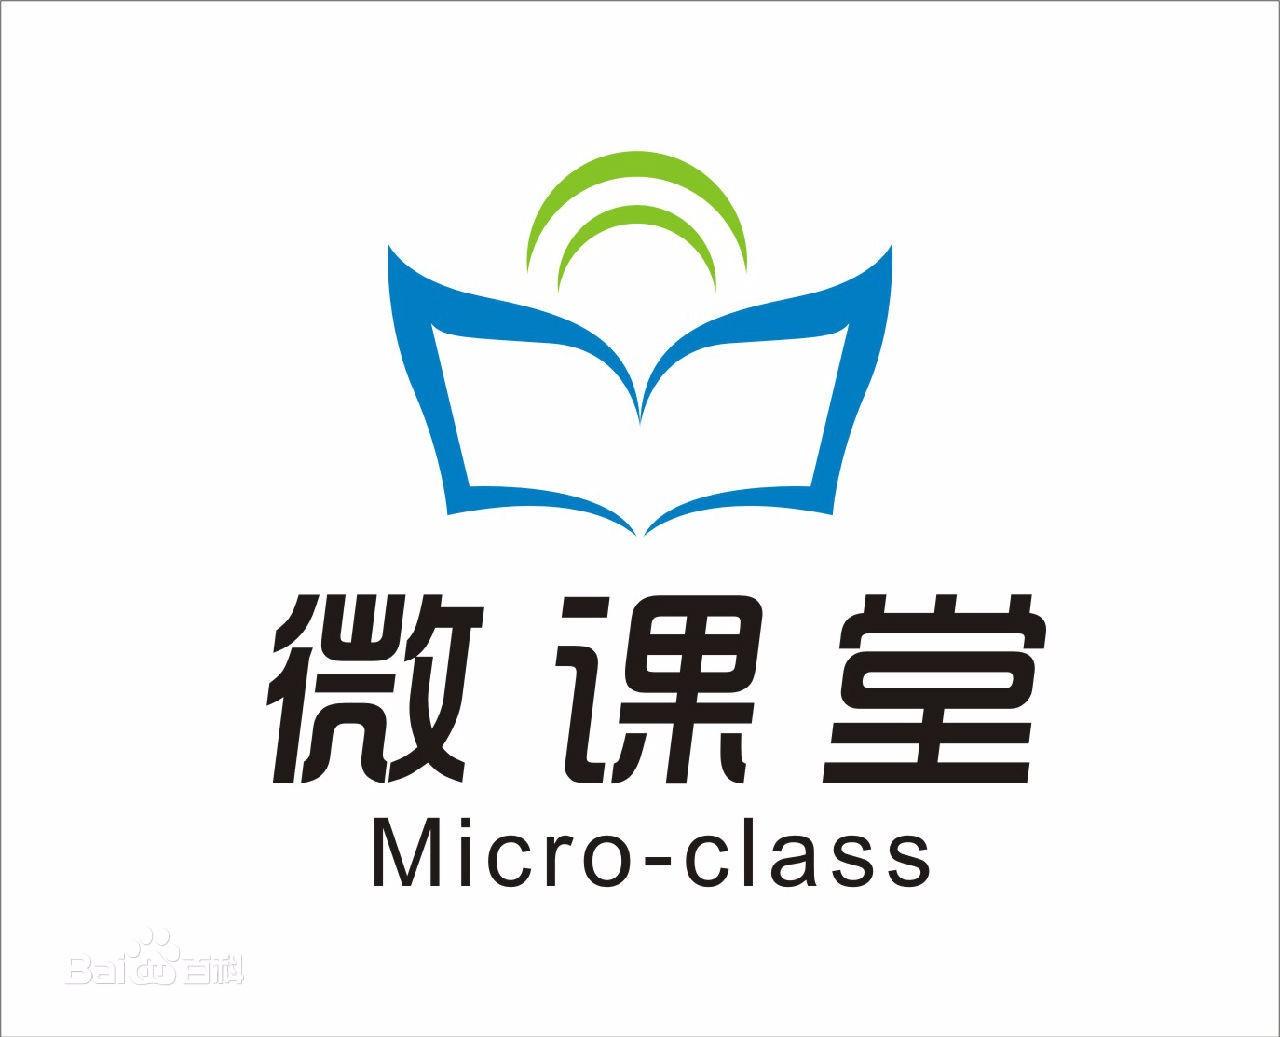 深圳市微课堂文化发展有限公司